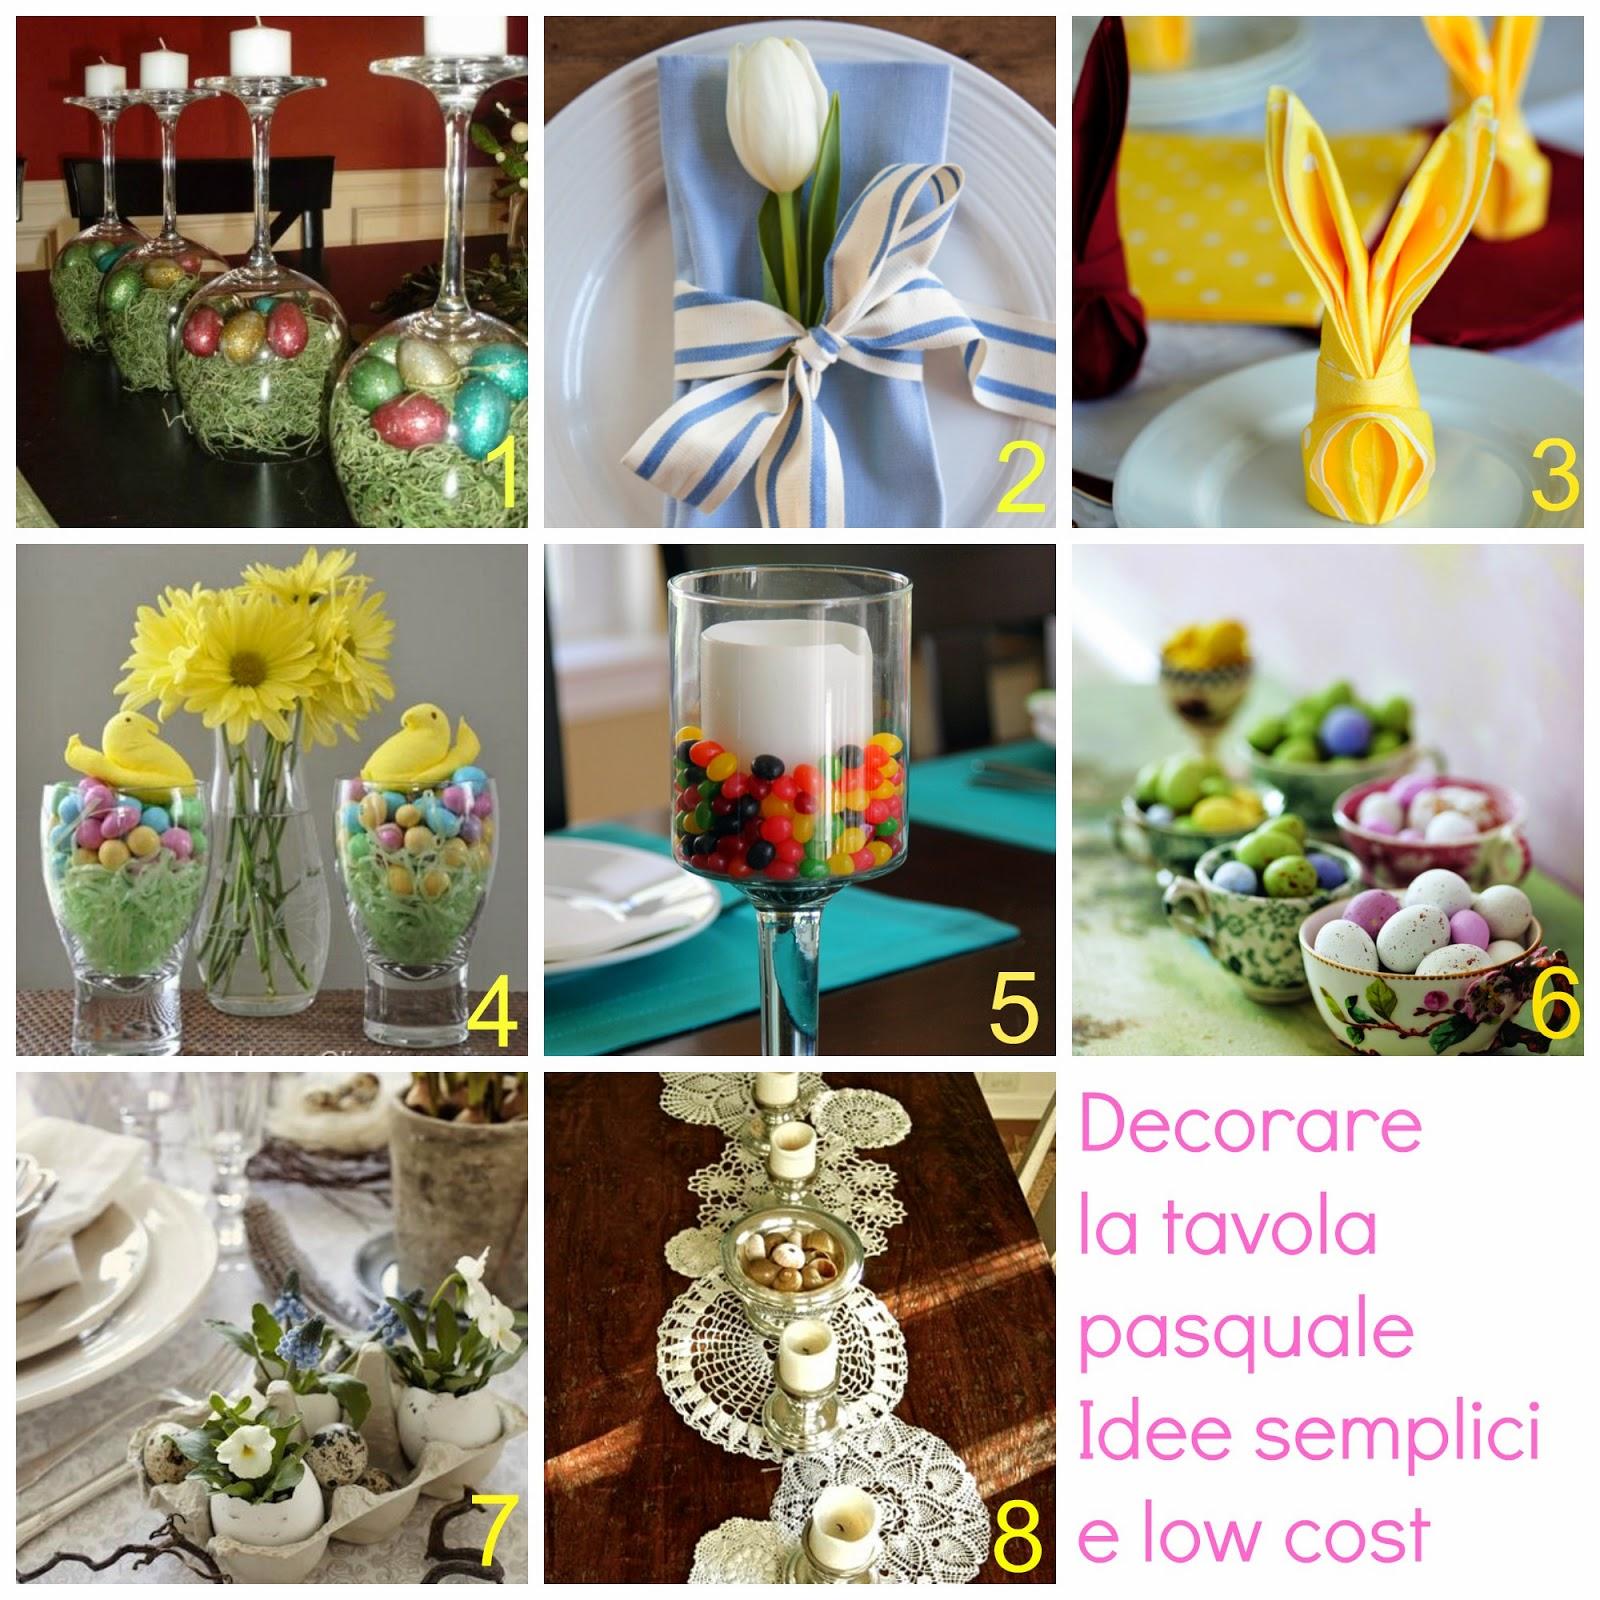 Come decorare e addobbare la tavola pasquale donneinpink magazine - Centro tavola per pasqua ...